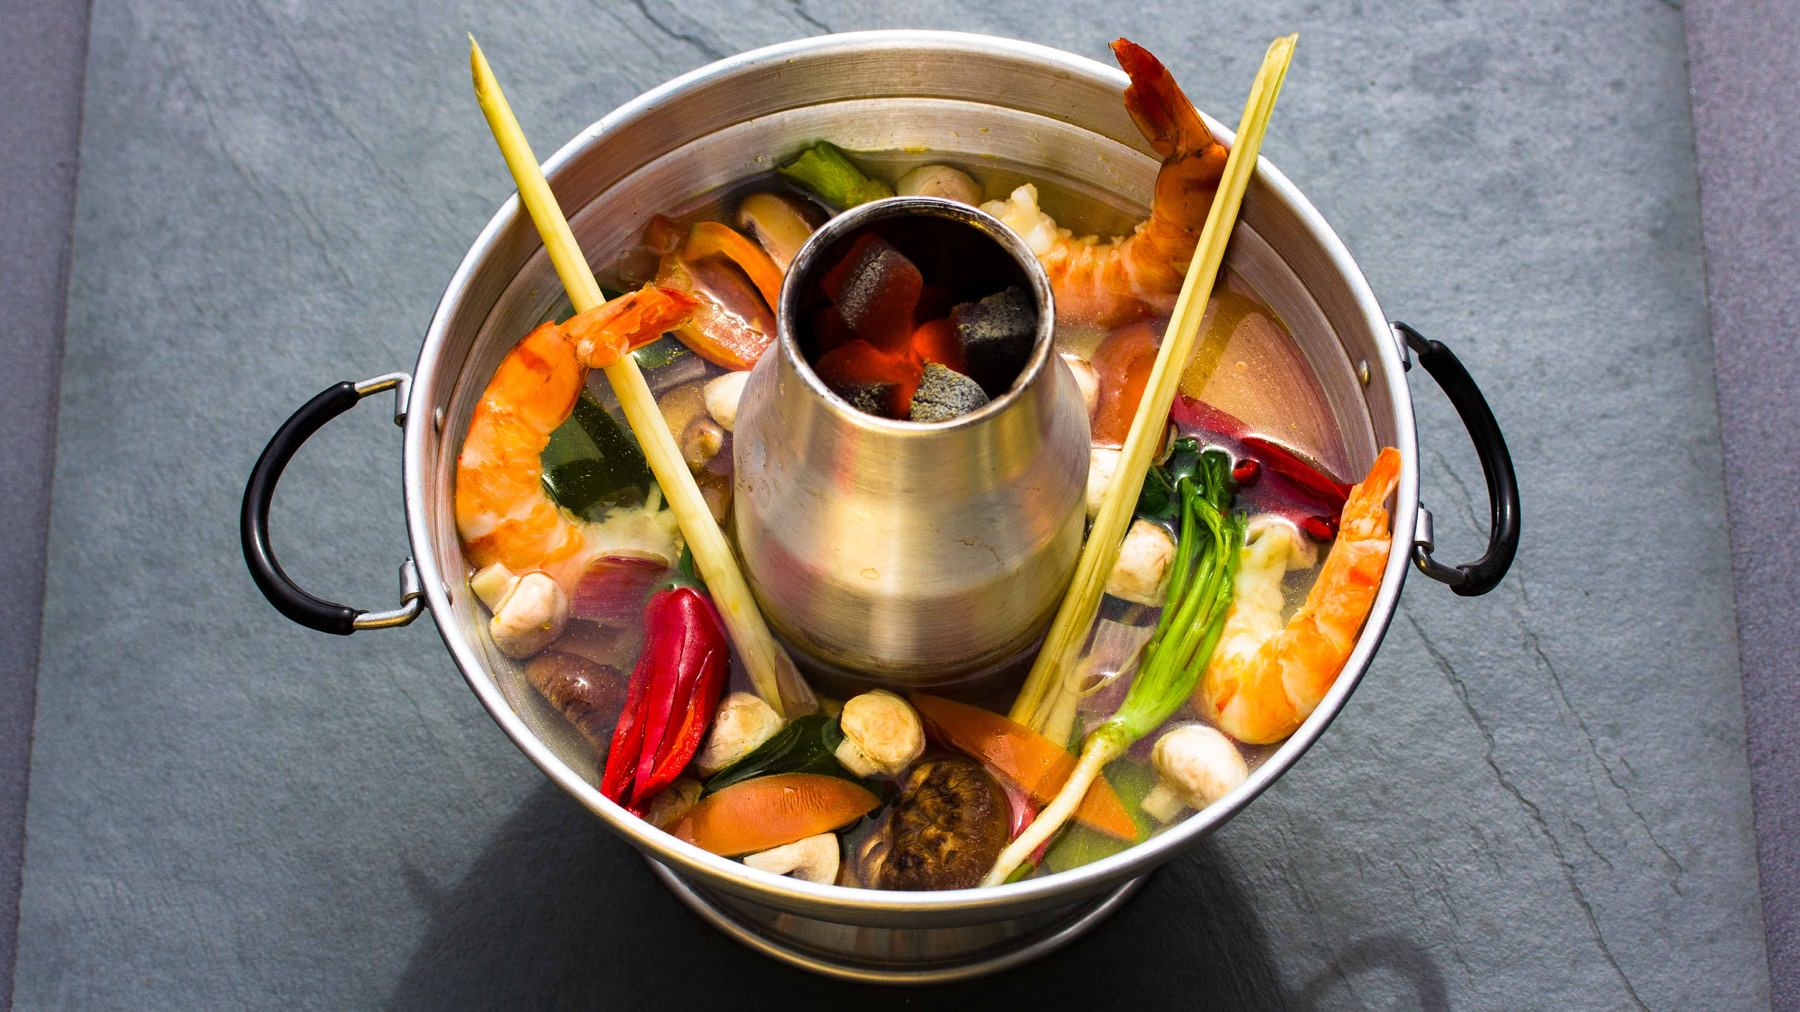 Scharf-Saure Garnelensuppe aus Thailand - Tom Yam Gung